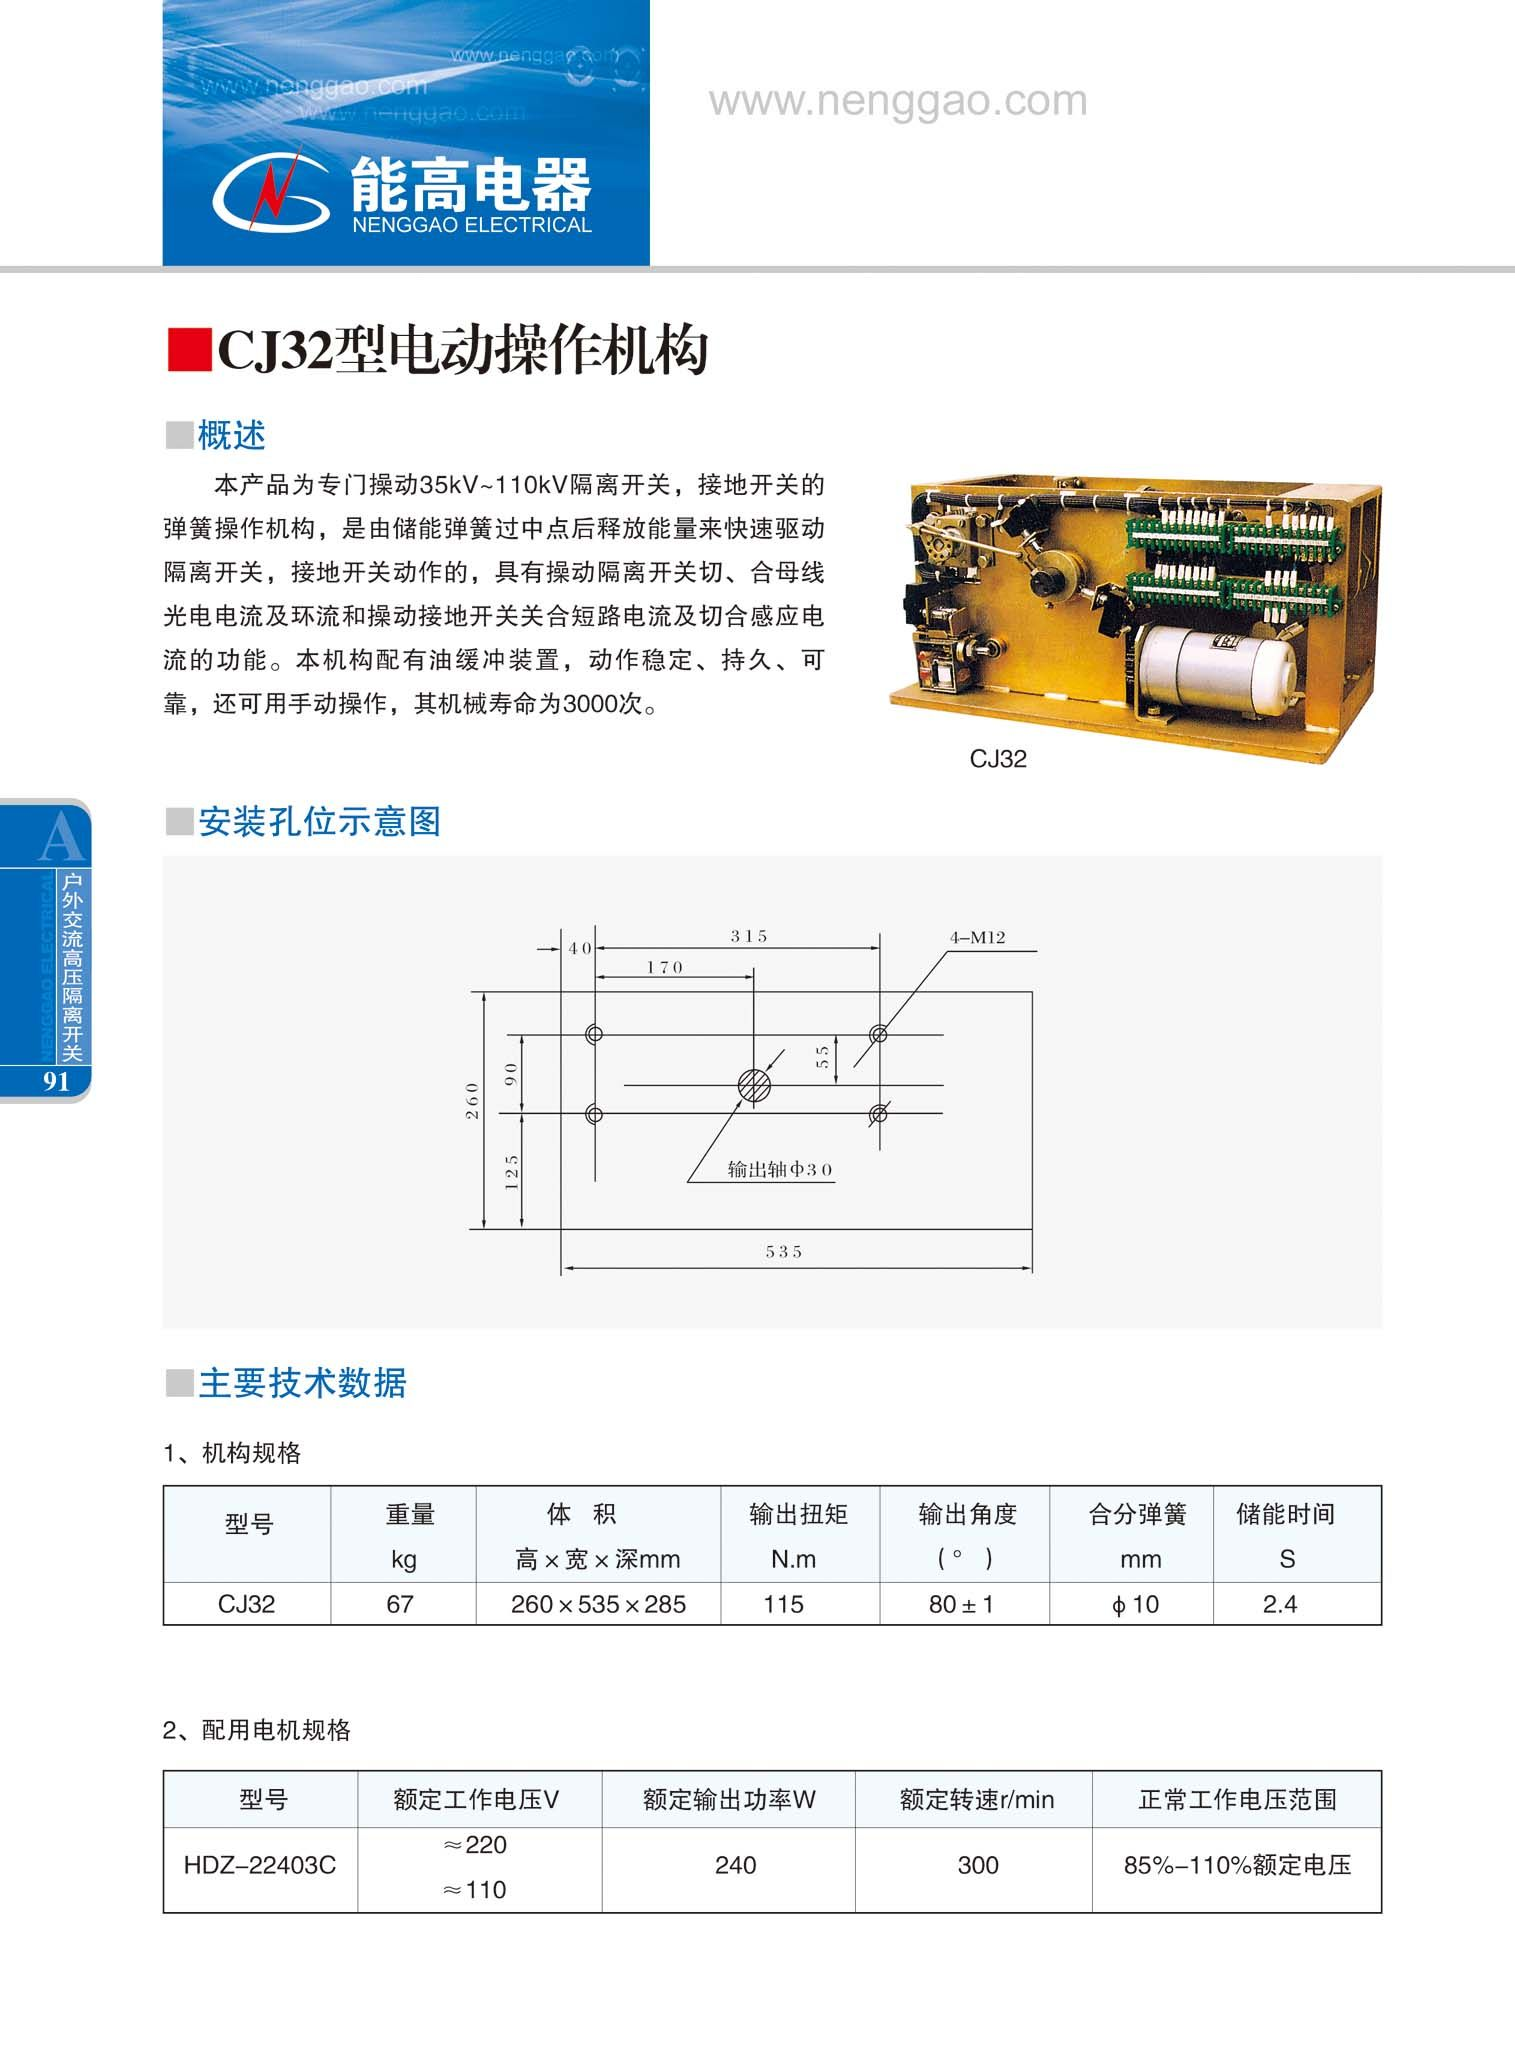 CJ32型电动操作机构